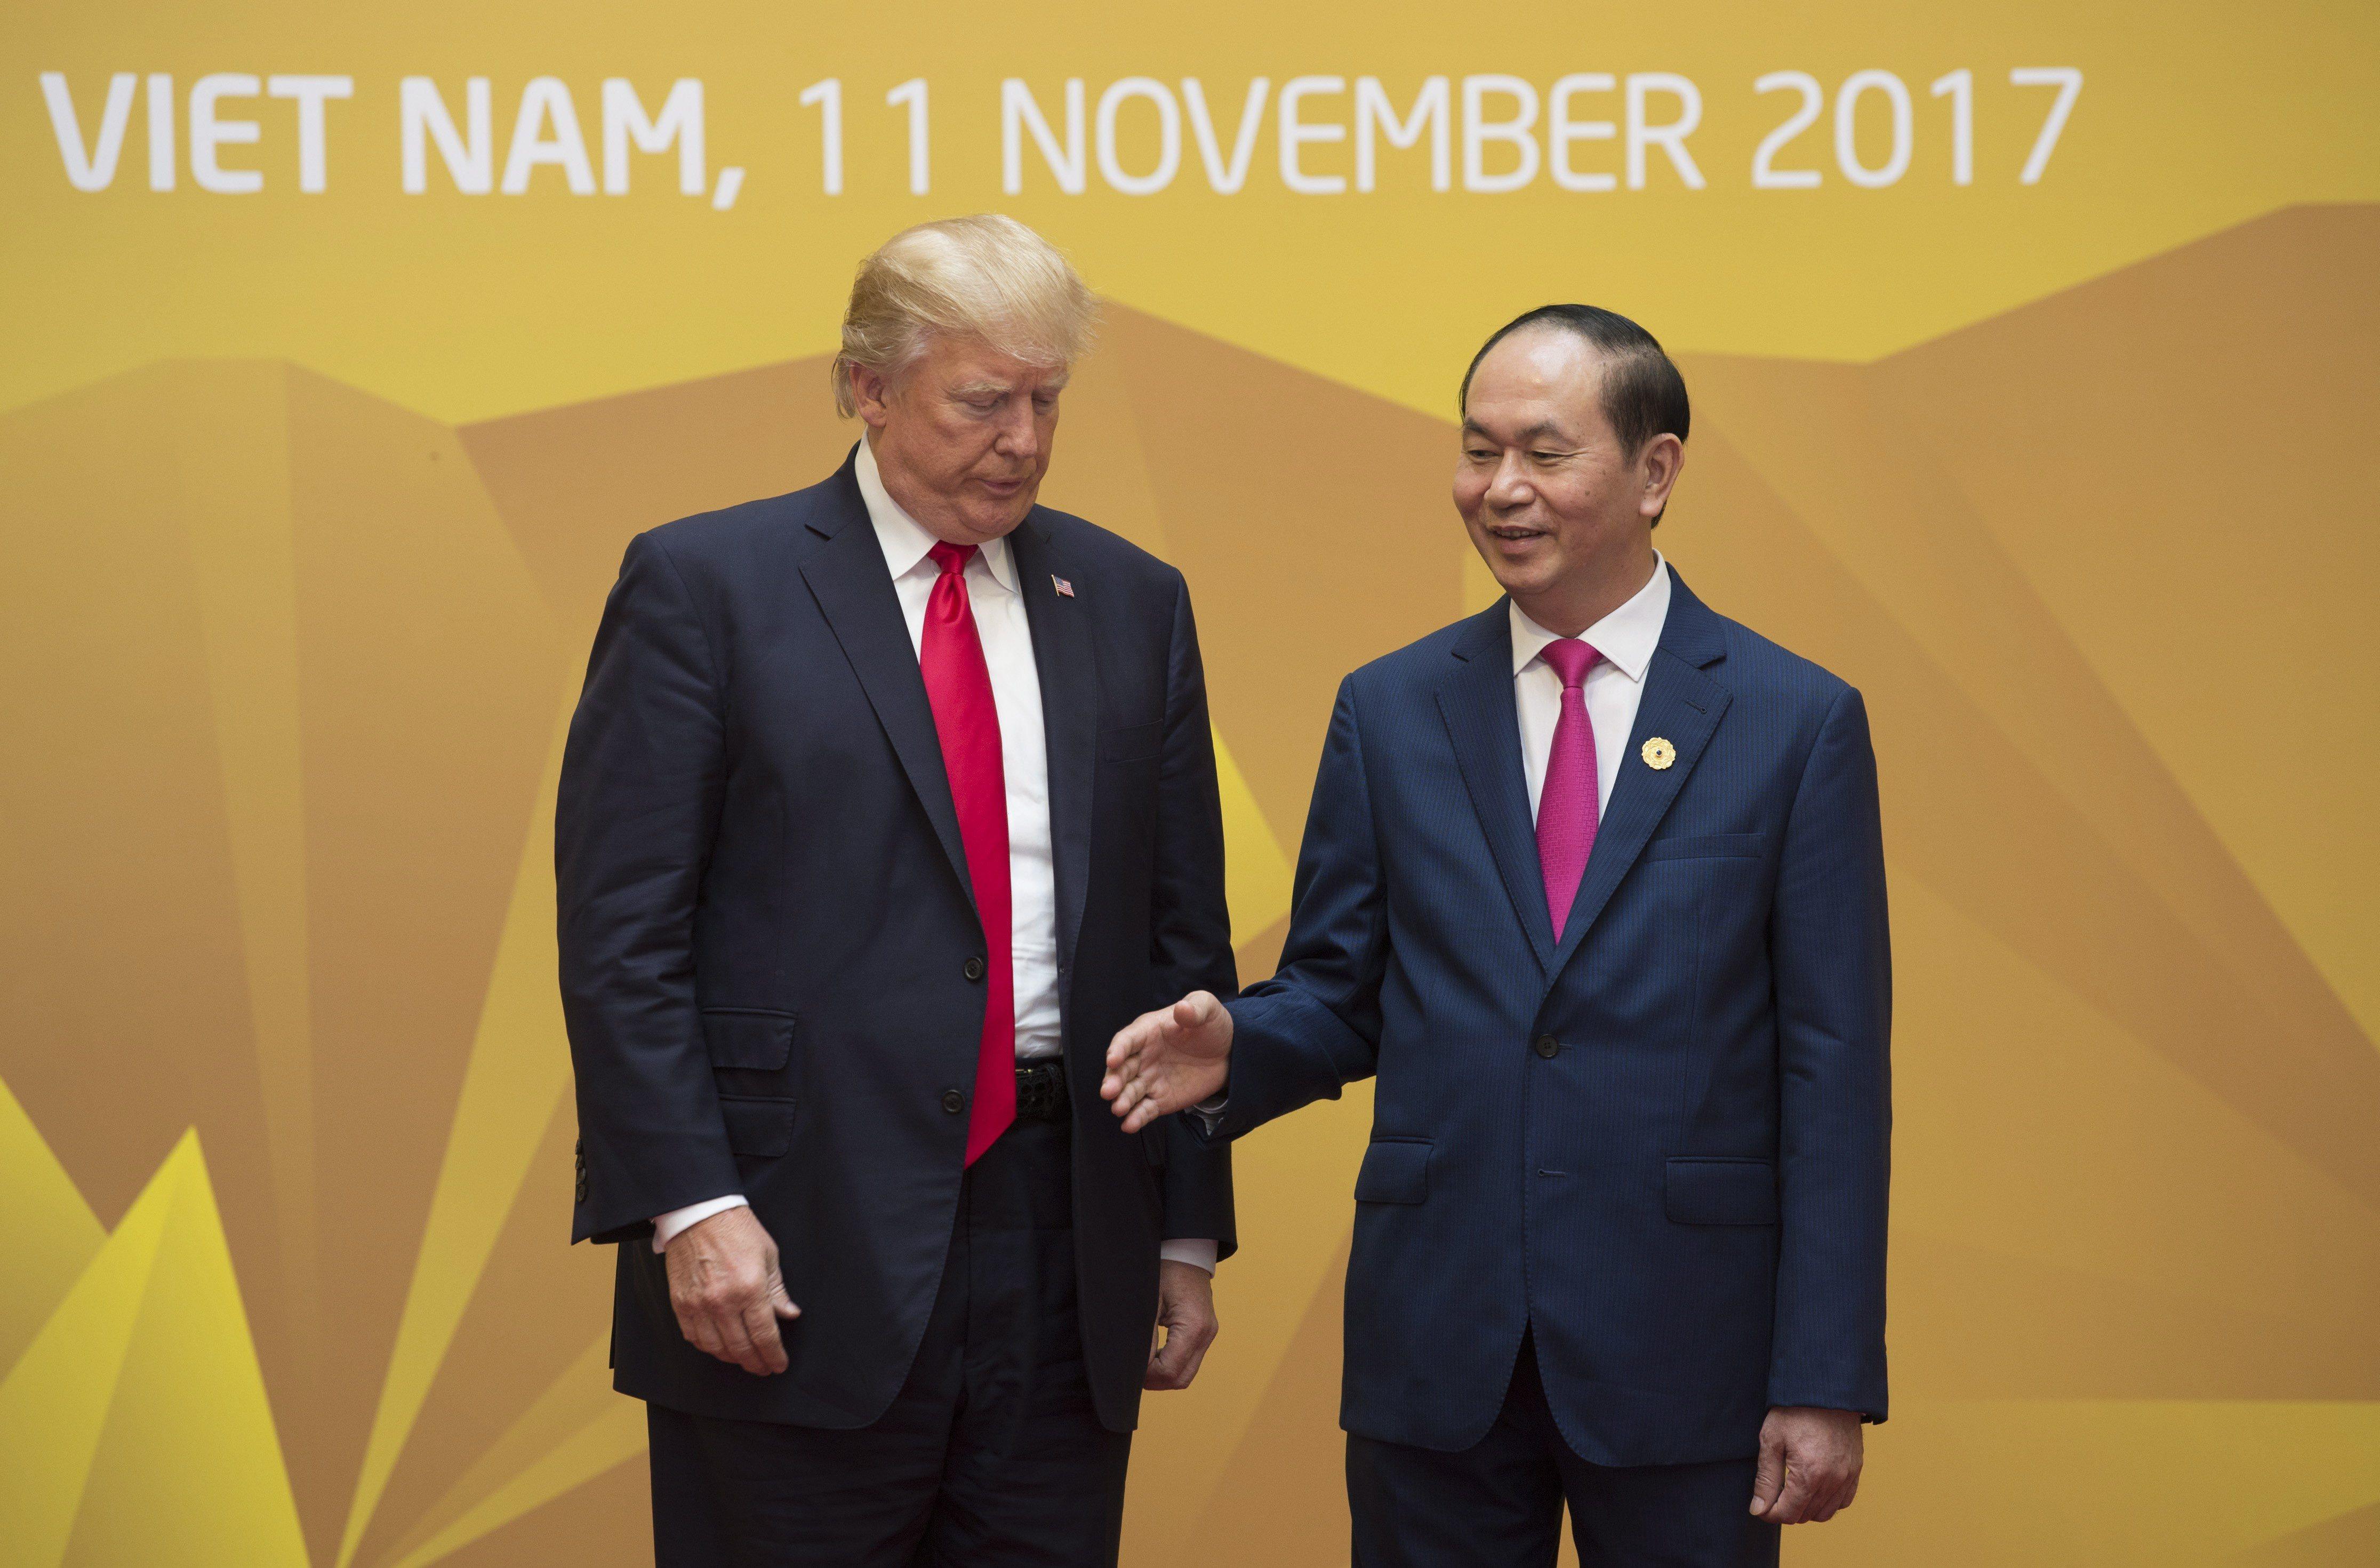 După contactul considerat reuşit, Kremlin-ul acuză: SUA sunt de vină pentru lipsa unei întâlniri bilaterale în Vietnam între Trump şi Putin/ Liderul rus nu poate înţelege acuzaţiile nefondate privind presupusele ingerinţe ruse în SUA